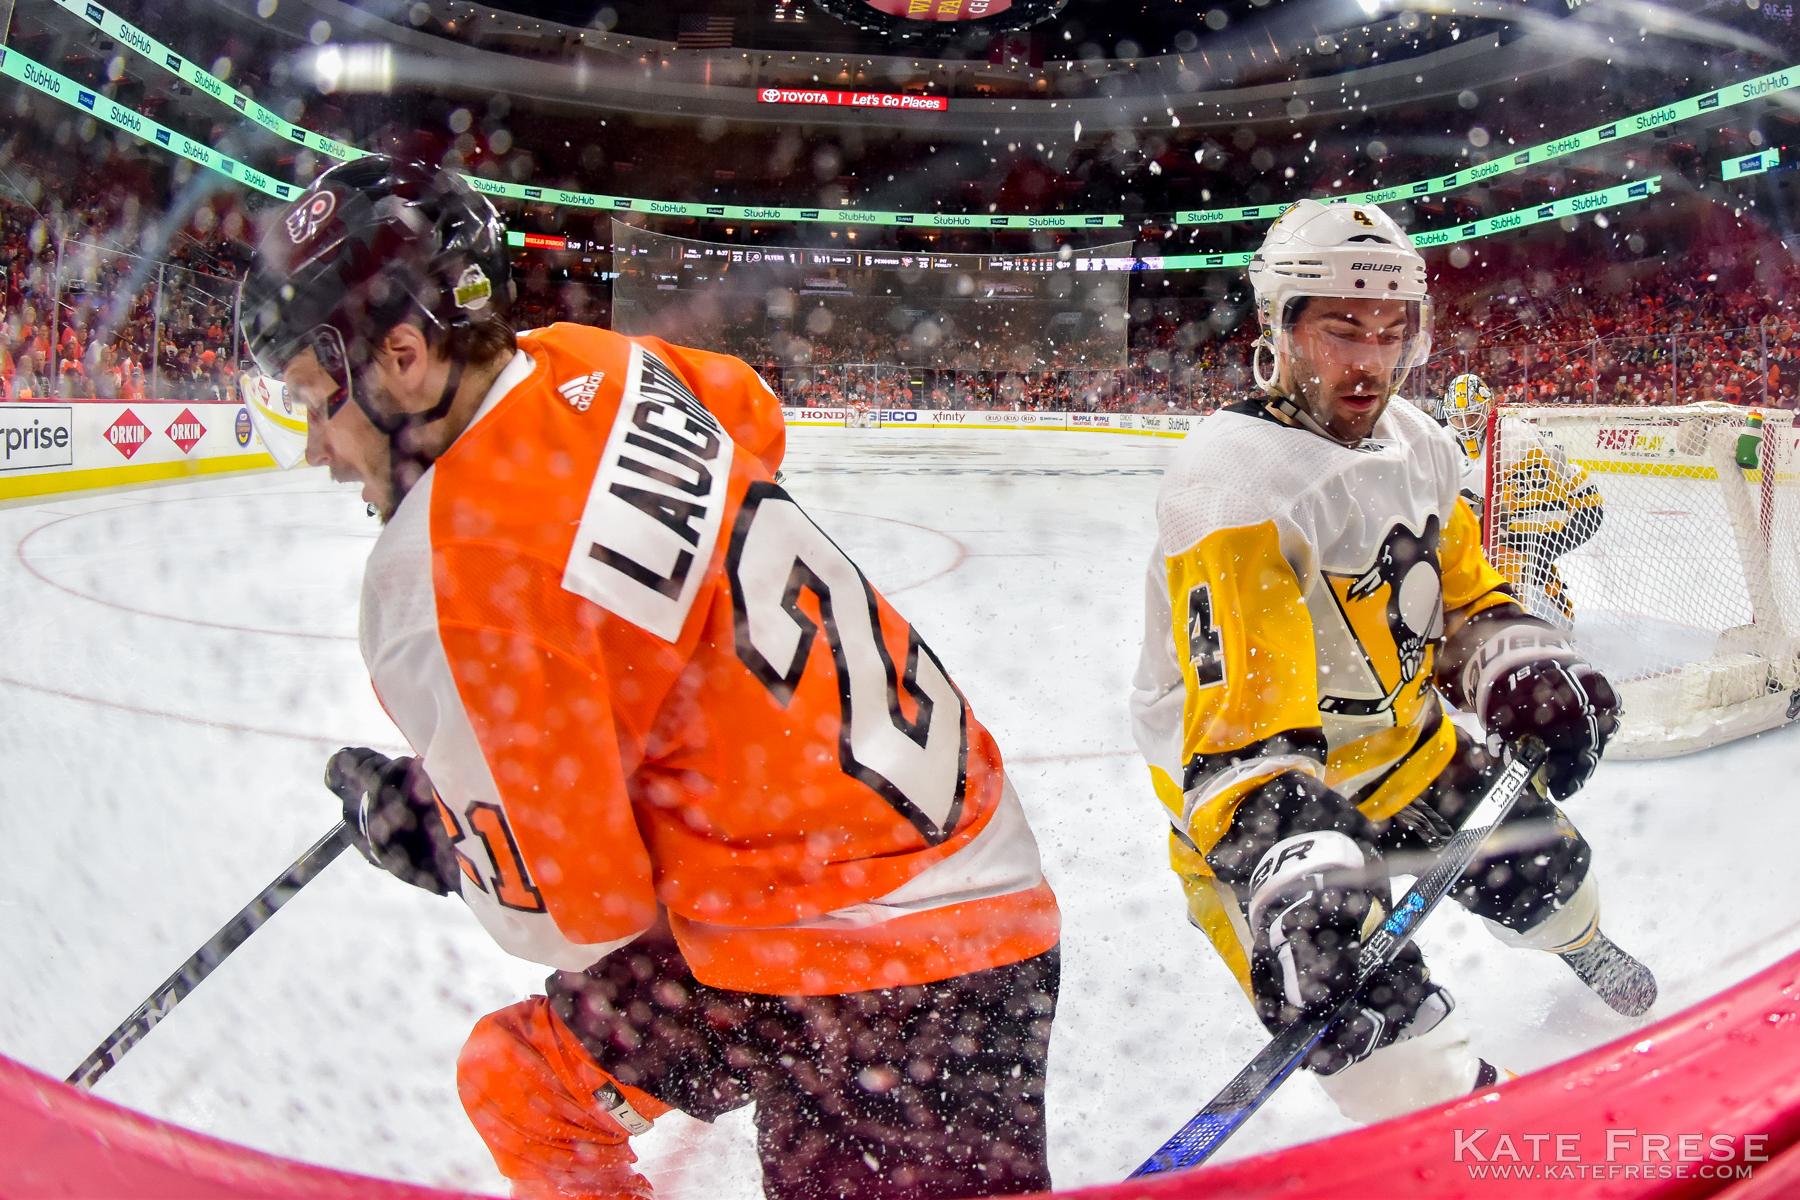 4-15-2018_FlyersvsPenguins_3rd_playoffs_round1_credKateFrese-2